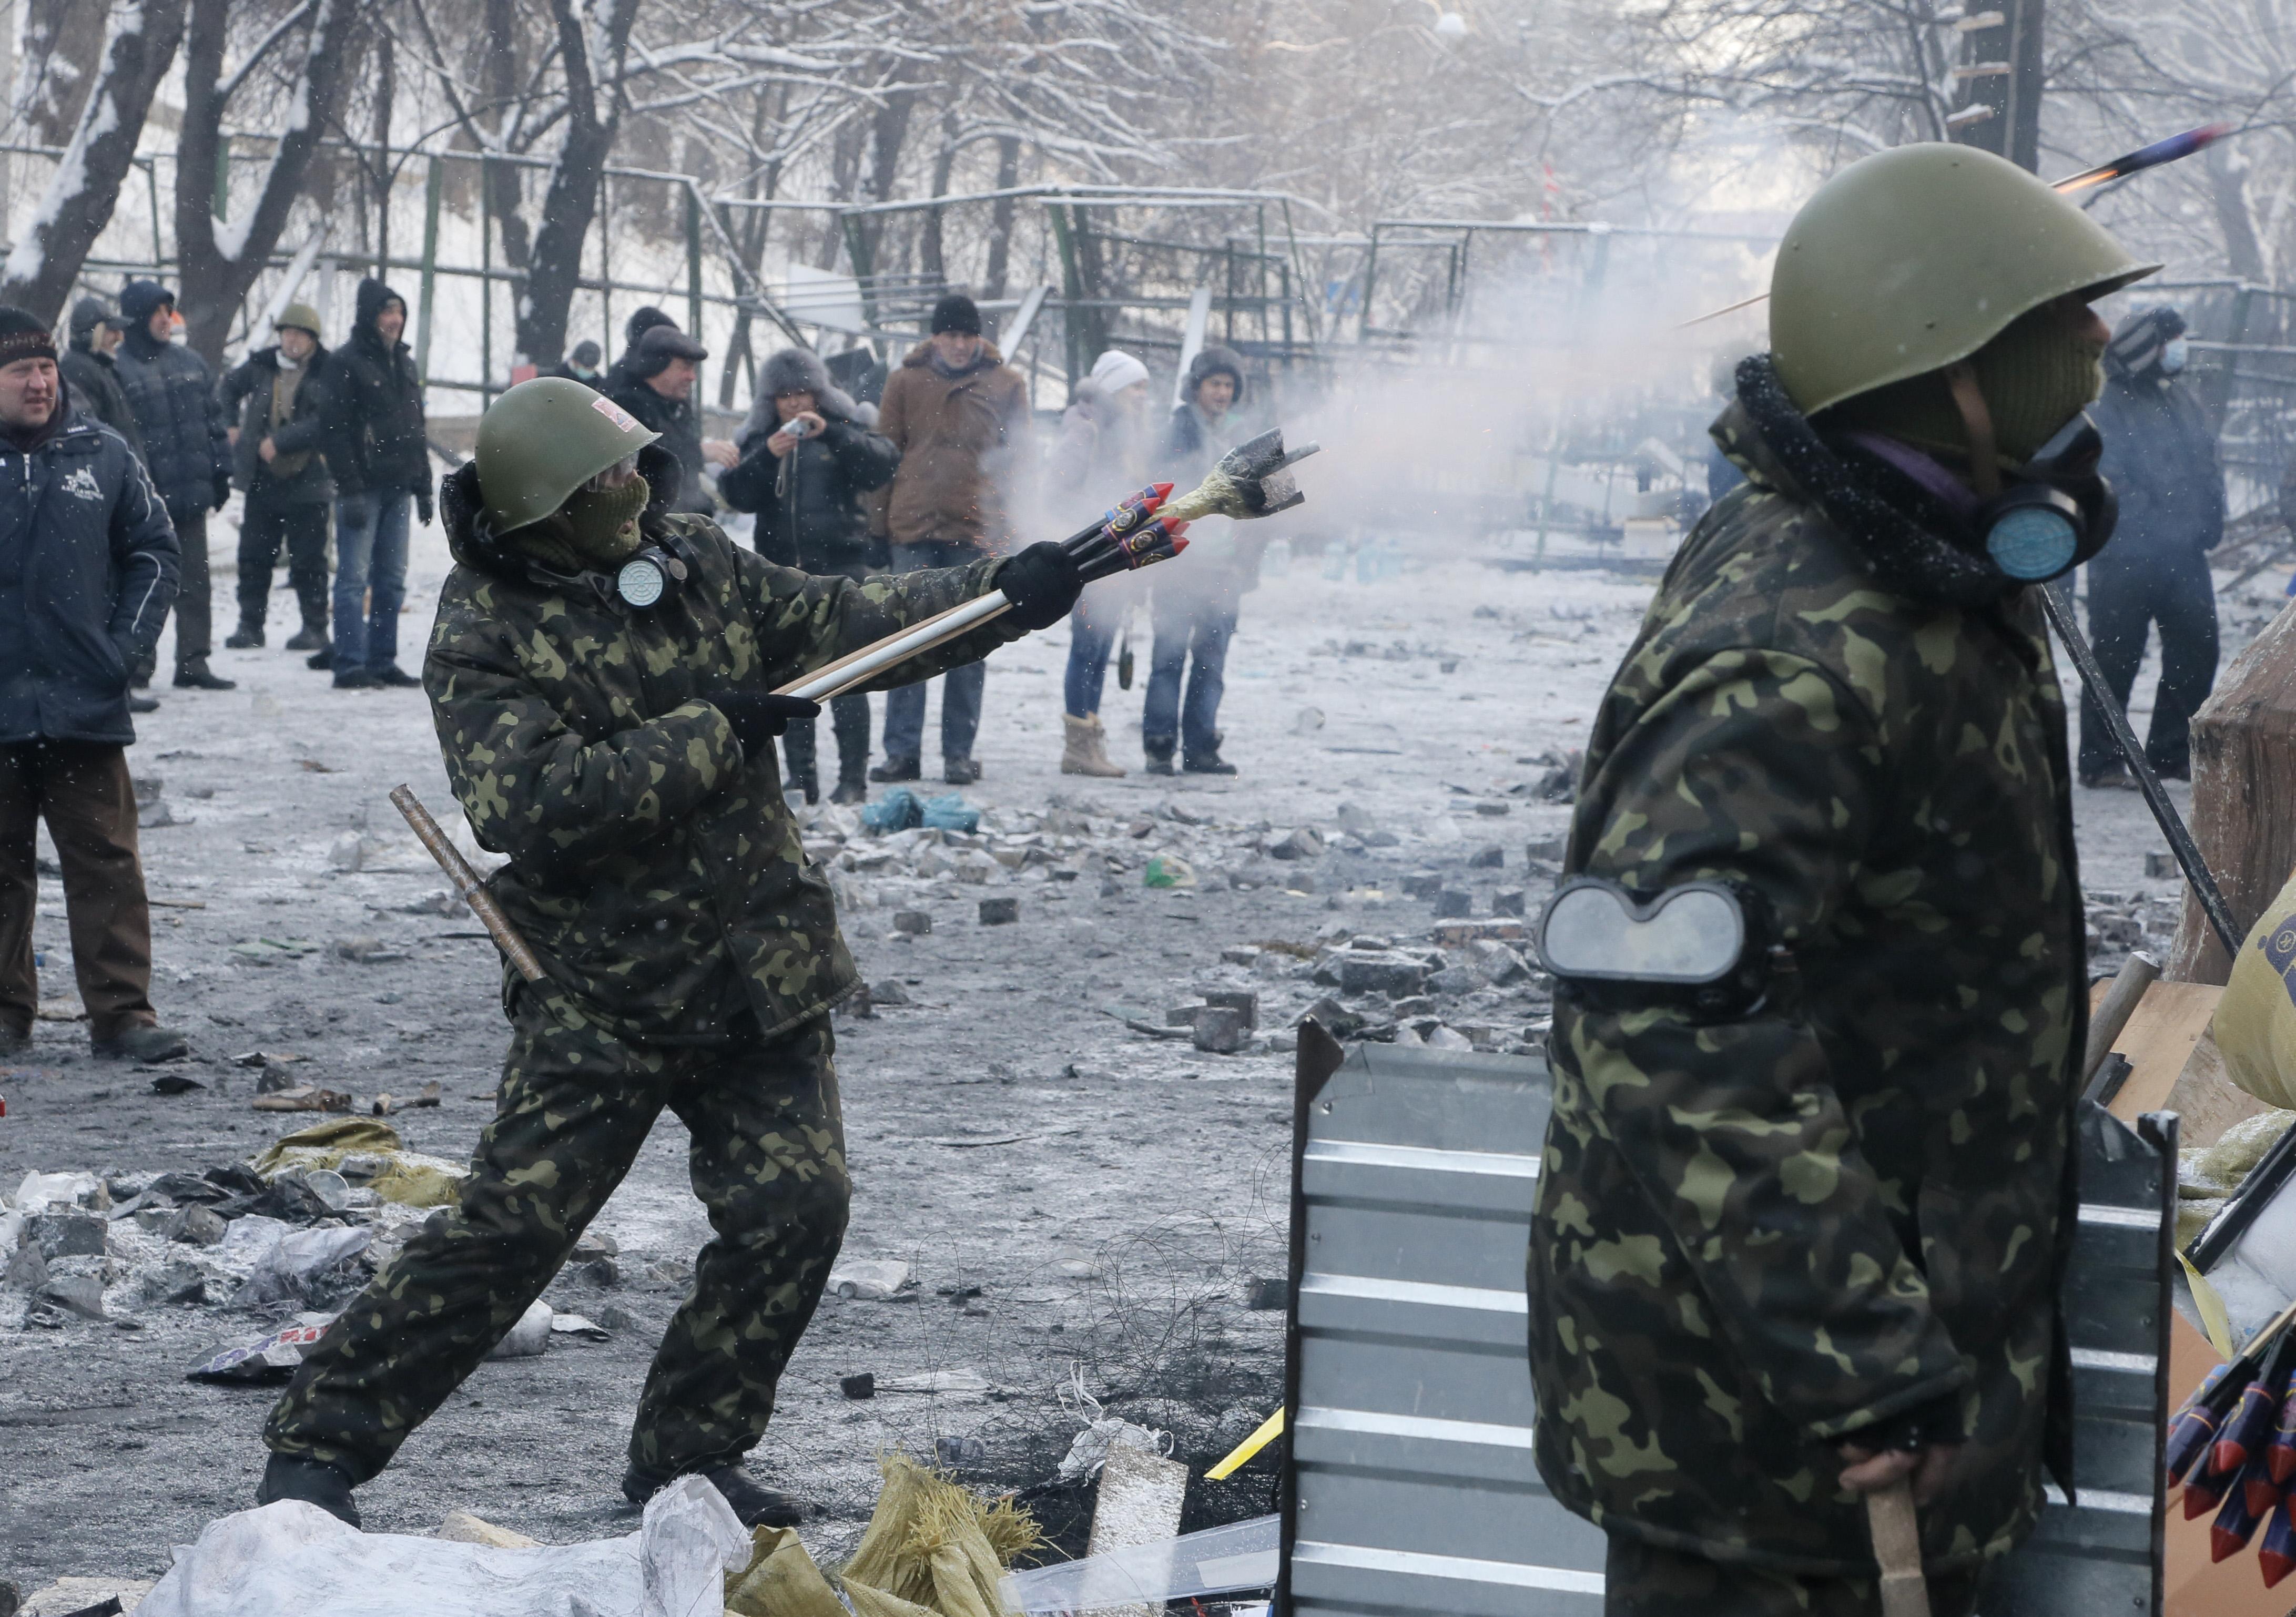 Kiev, Ukraine - Tensions In Ukraine Spreads To Lviv ...